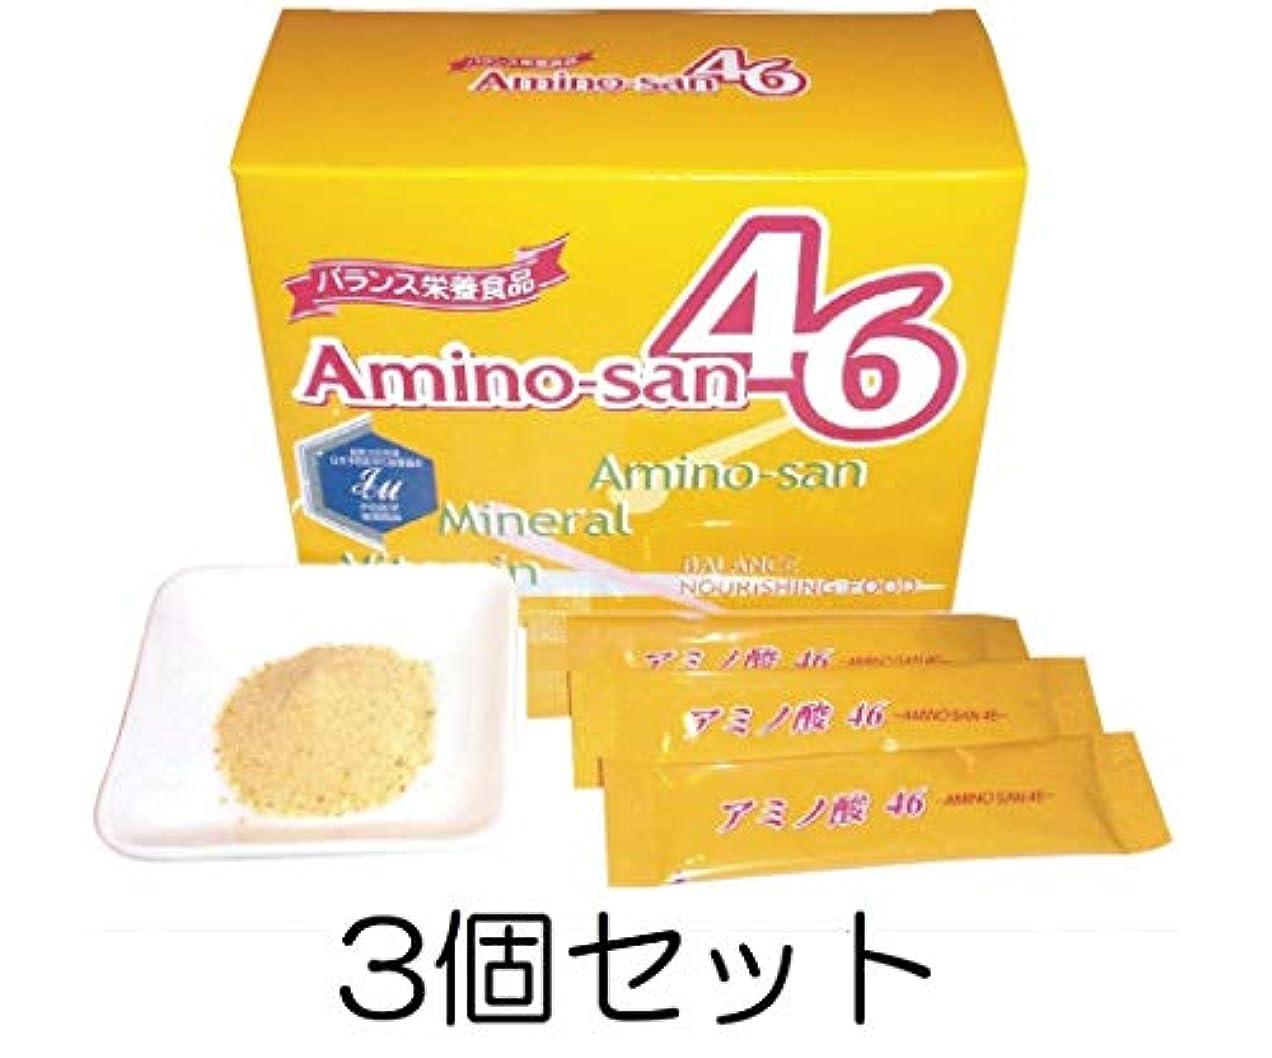 まともな制裁ブランクベル?クール研究所 アミノ酸46 3g×60本入り(1ヶ月分)×3箱セット ポーレン(蜂蜜花粉)含有サプリメント 栄養補助食品